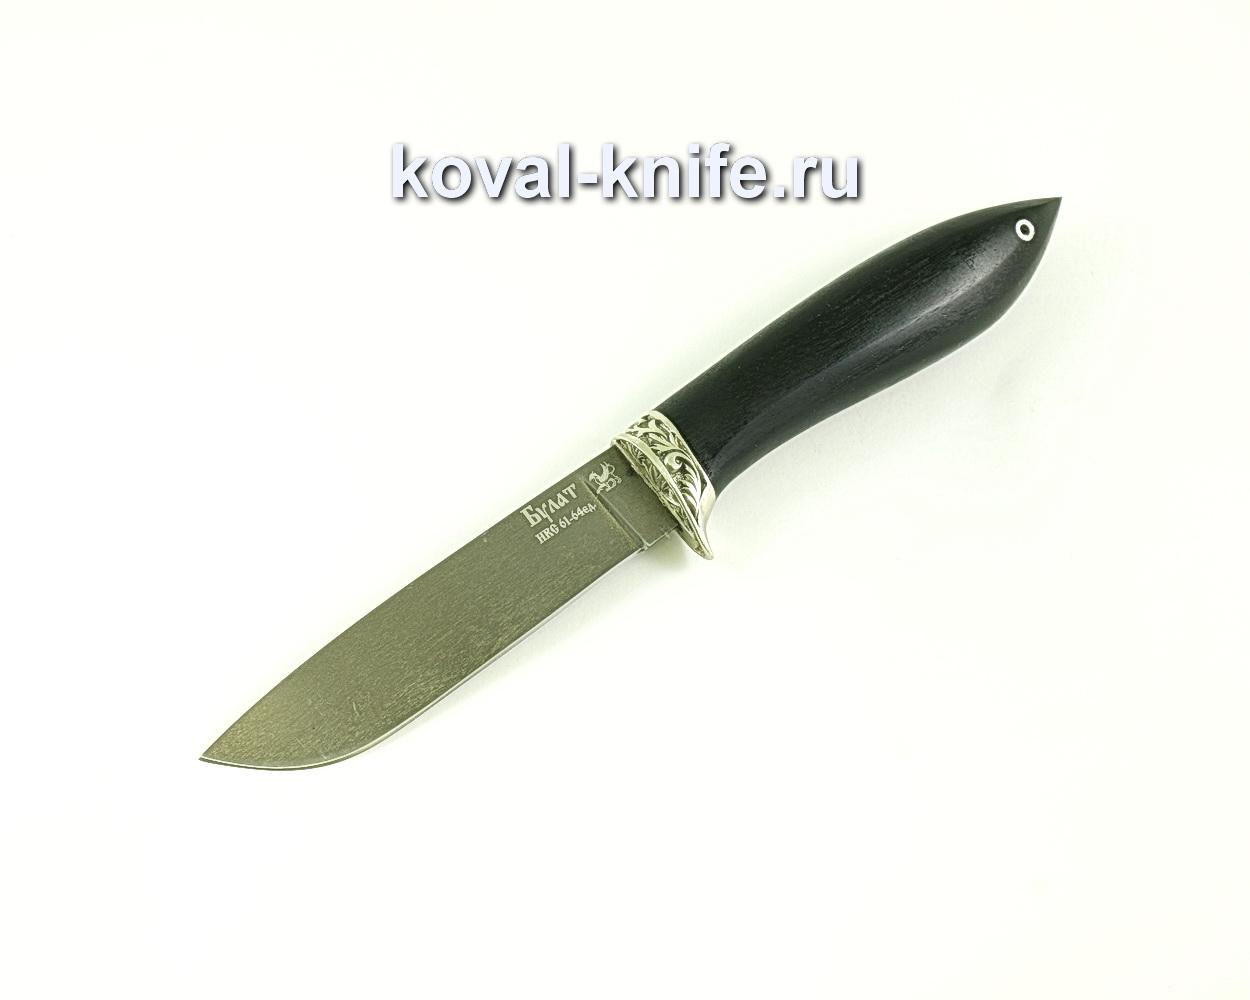 Нож Белка (сталь булат), рукоять граб, литье